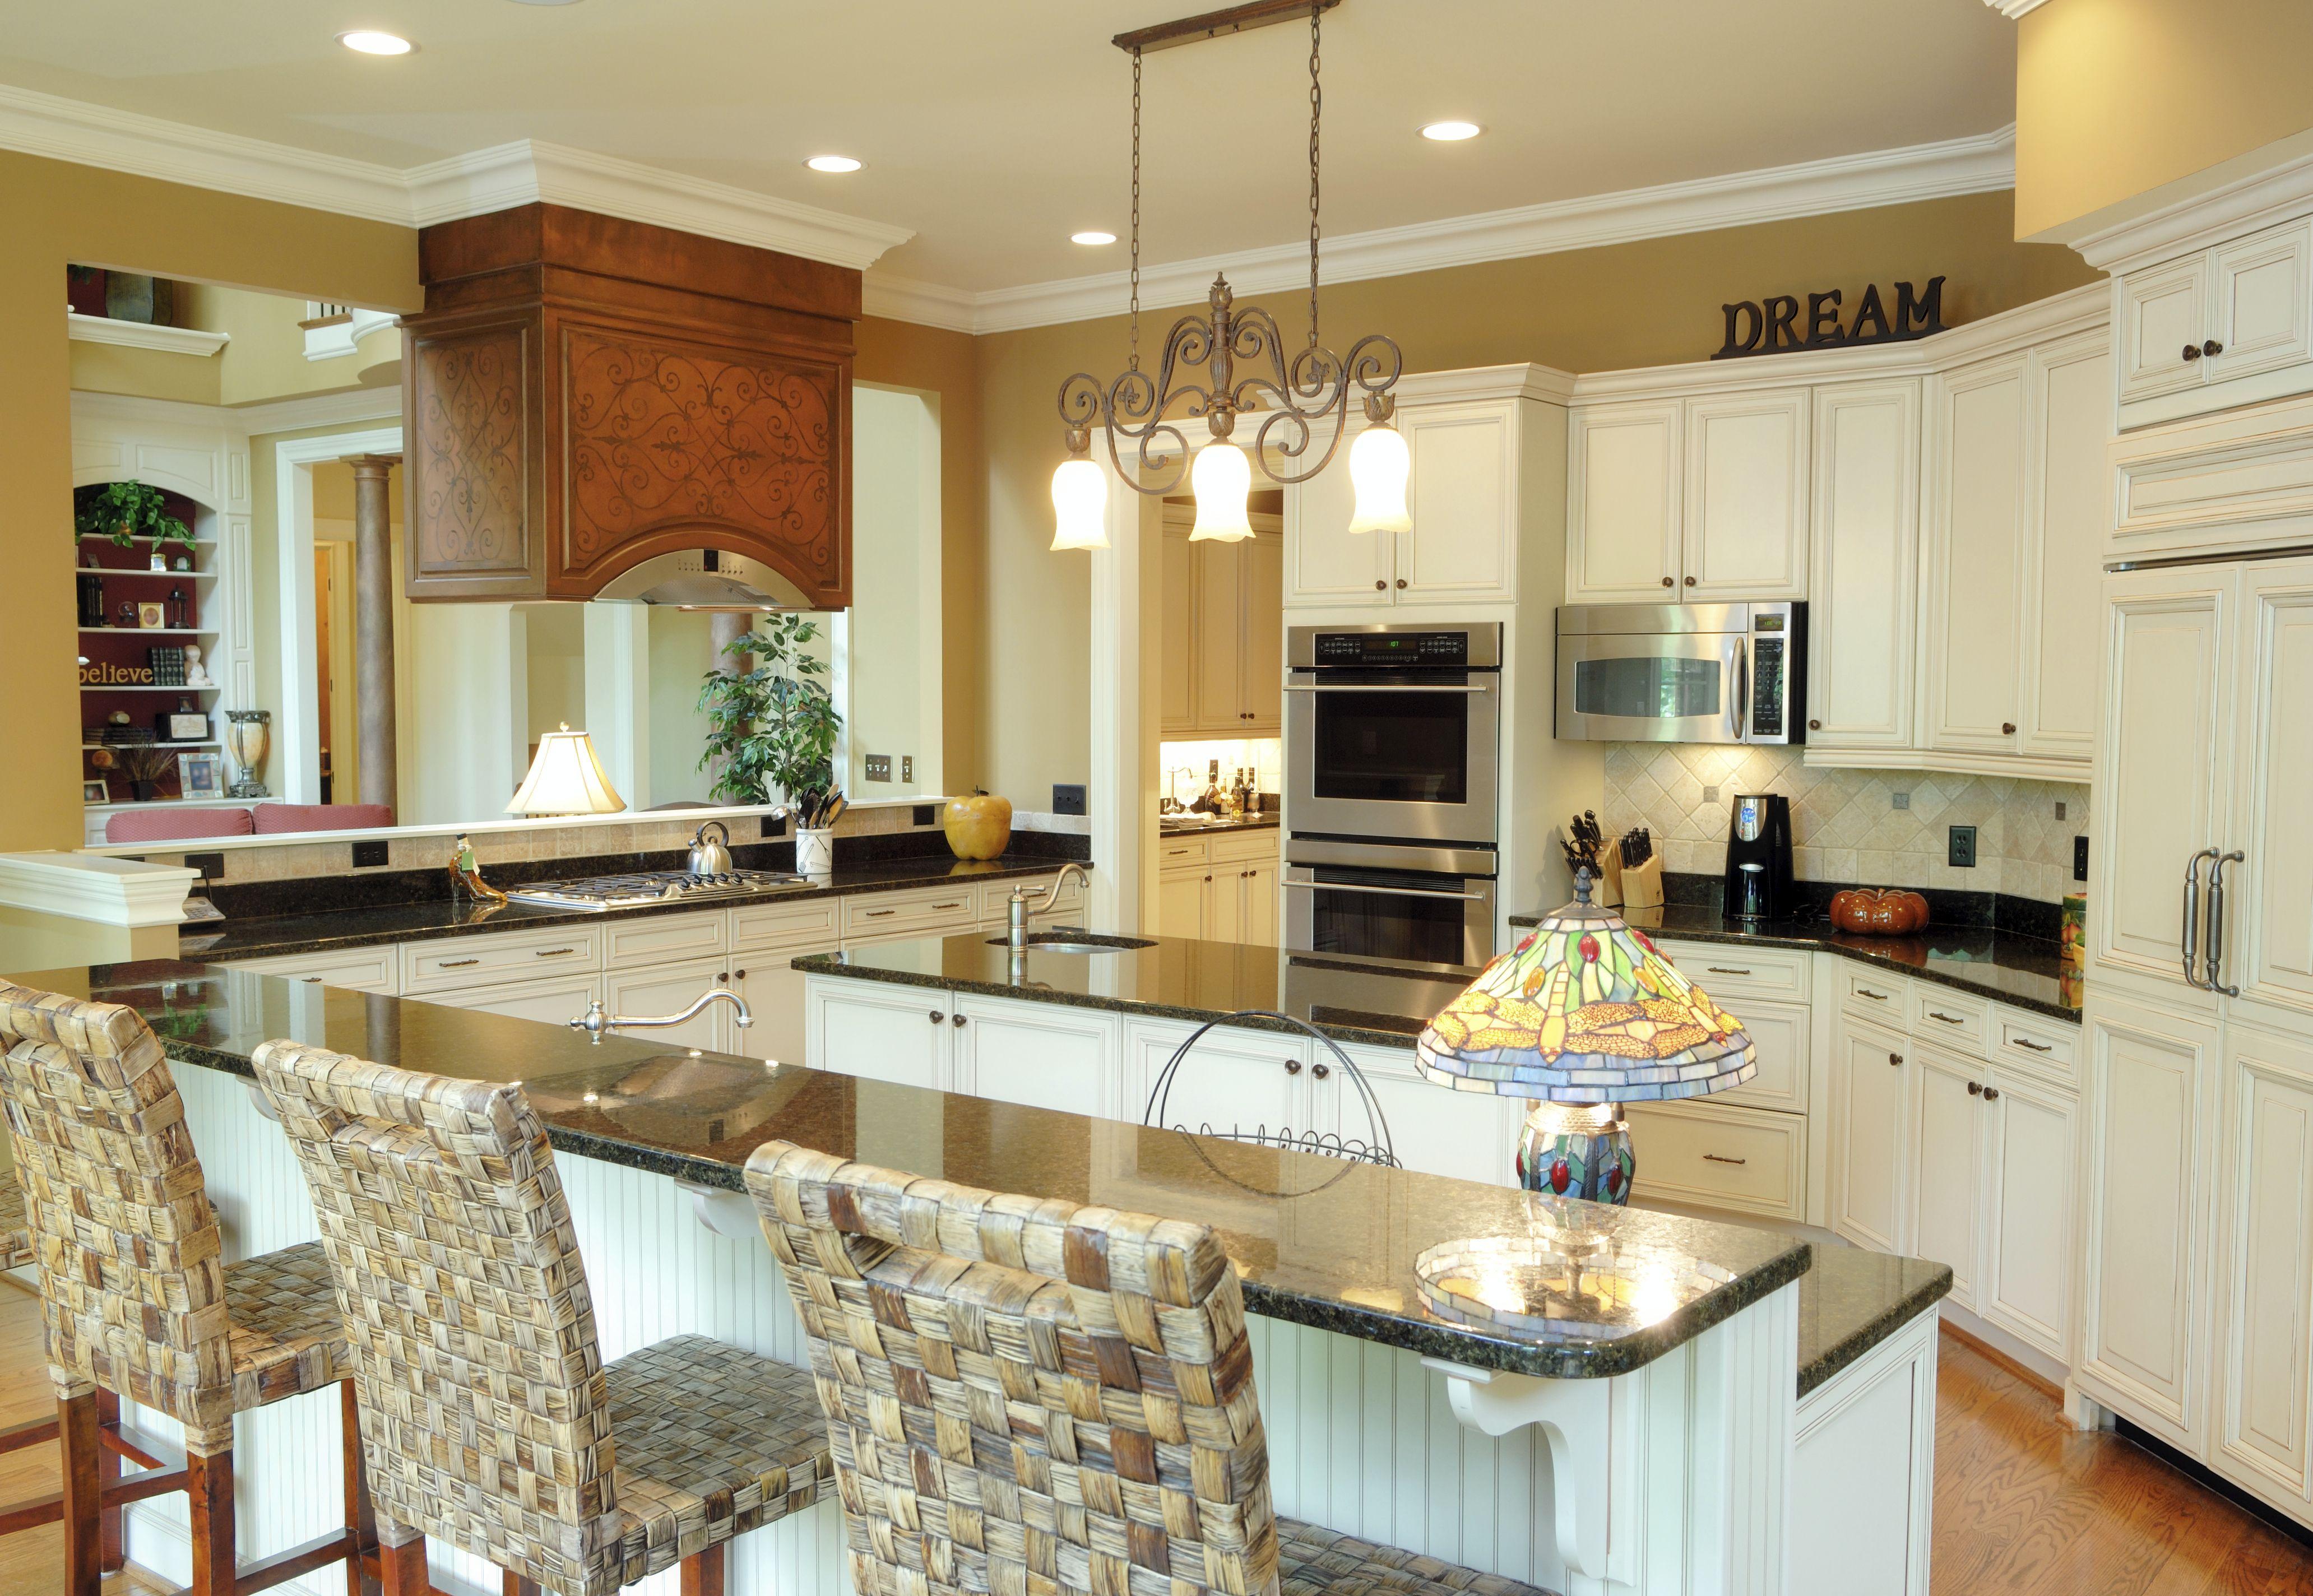 Interior Design Kitchen Ideas Interior Design - Interior design kitchen